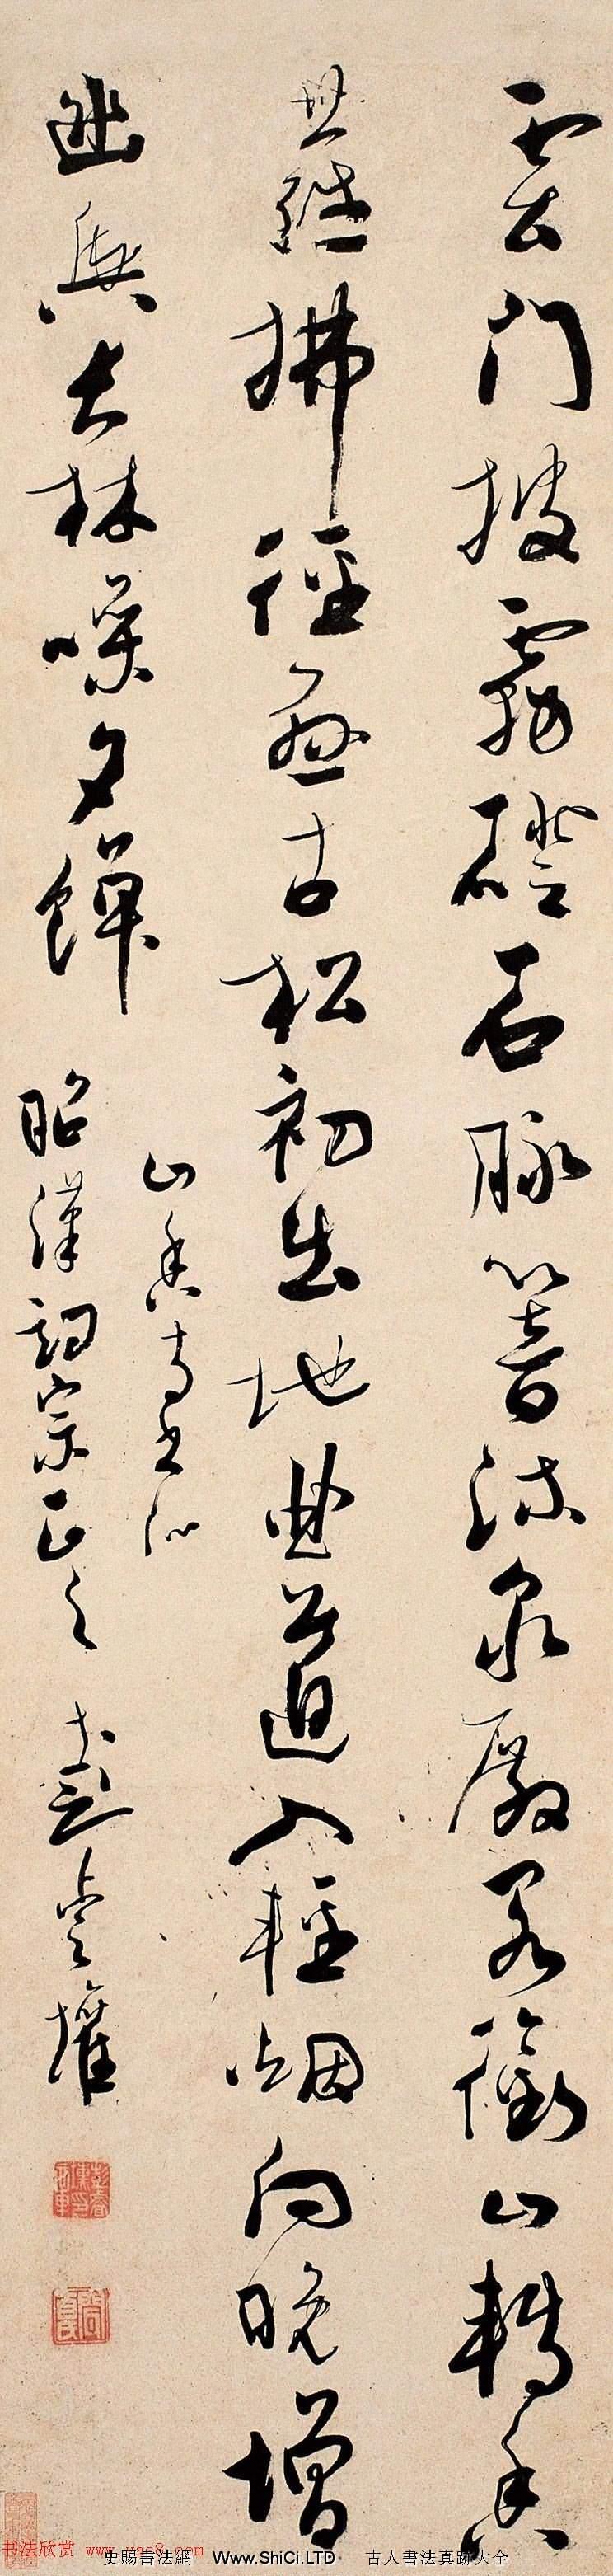 嶺南書畫家彭睿塤書法作品欣賞